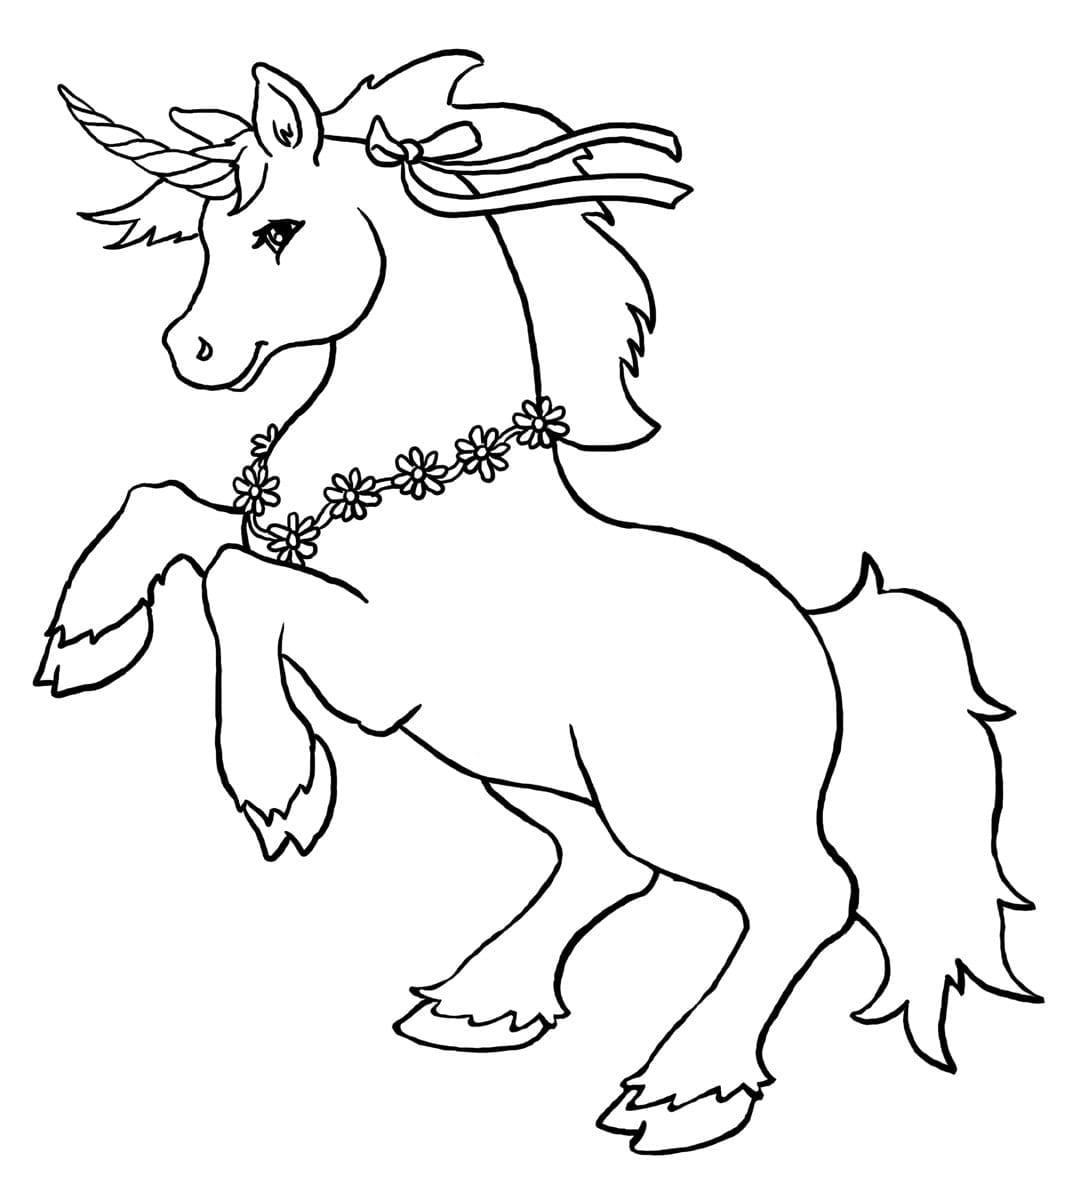 desenho de unicornio para pintar criando com apego